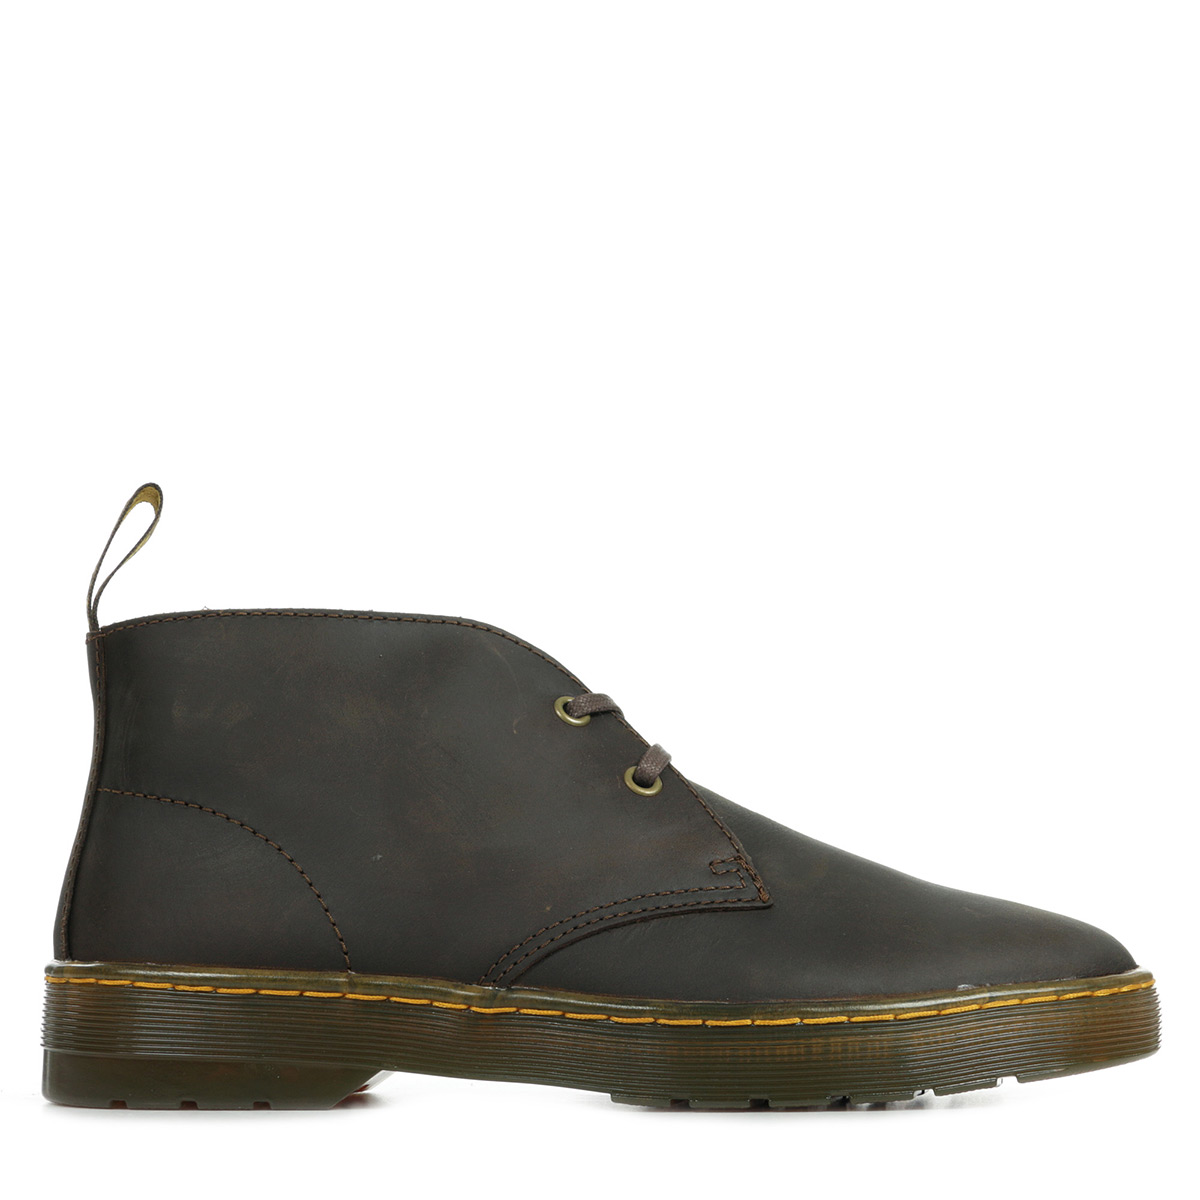 chaussure dr martens homme bottine dr martens 1460 homme. Black Bedroom Furniture Sets. Home Design Ideas